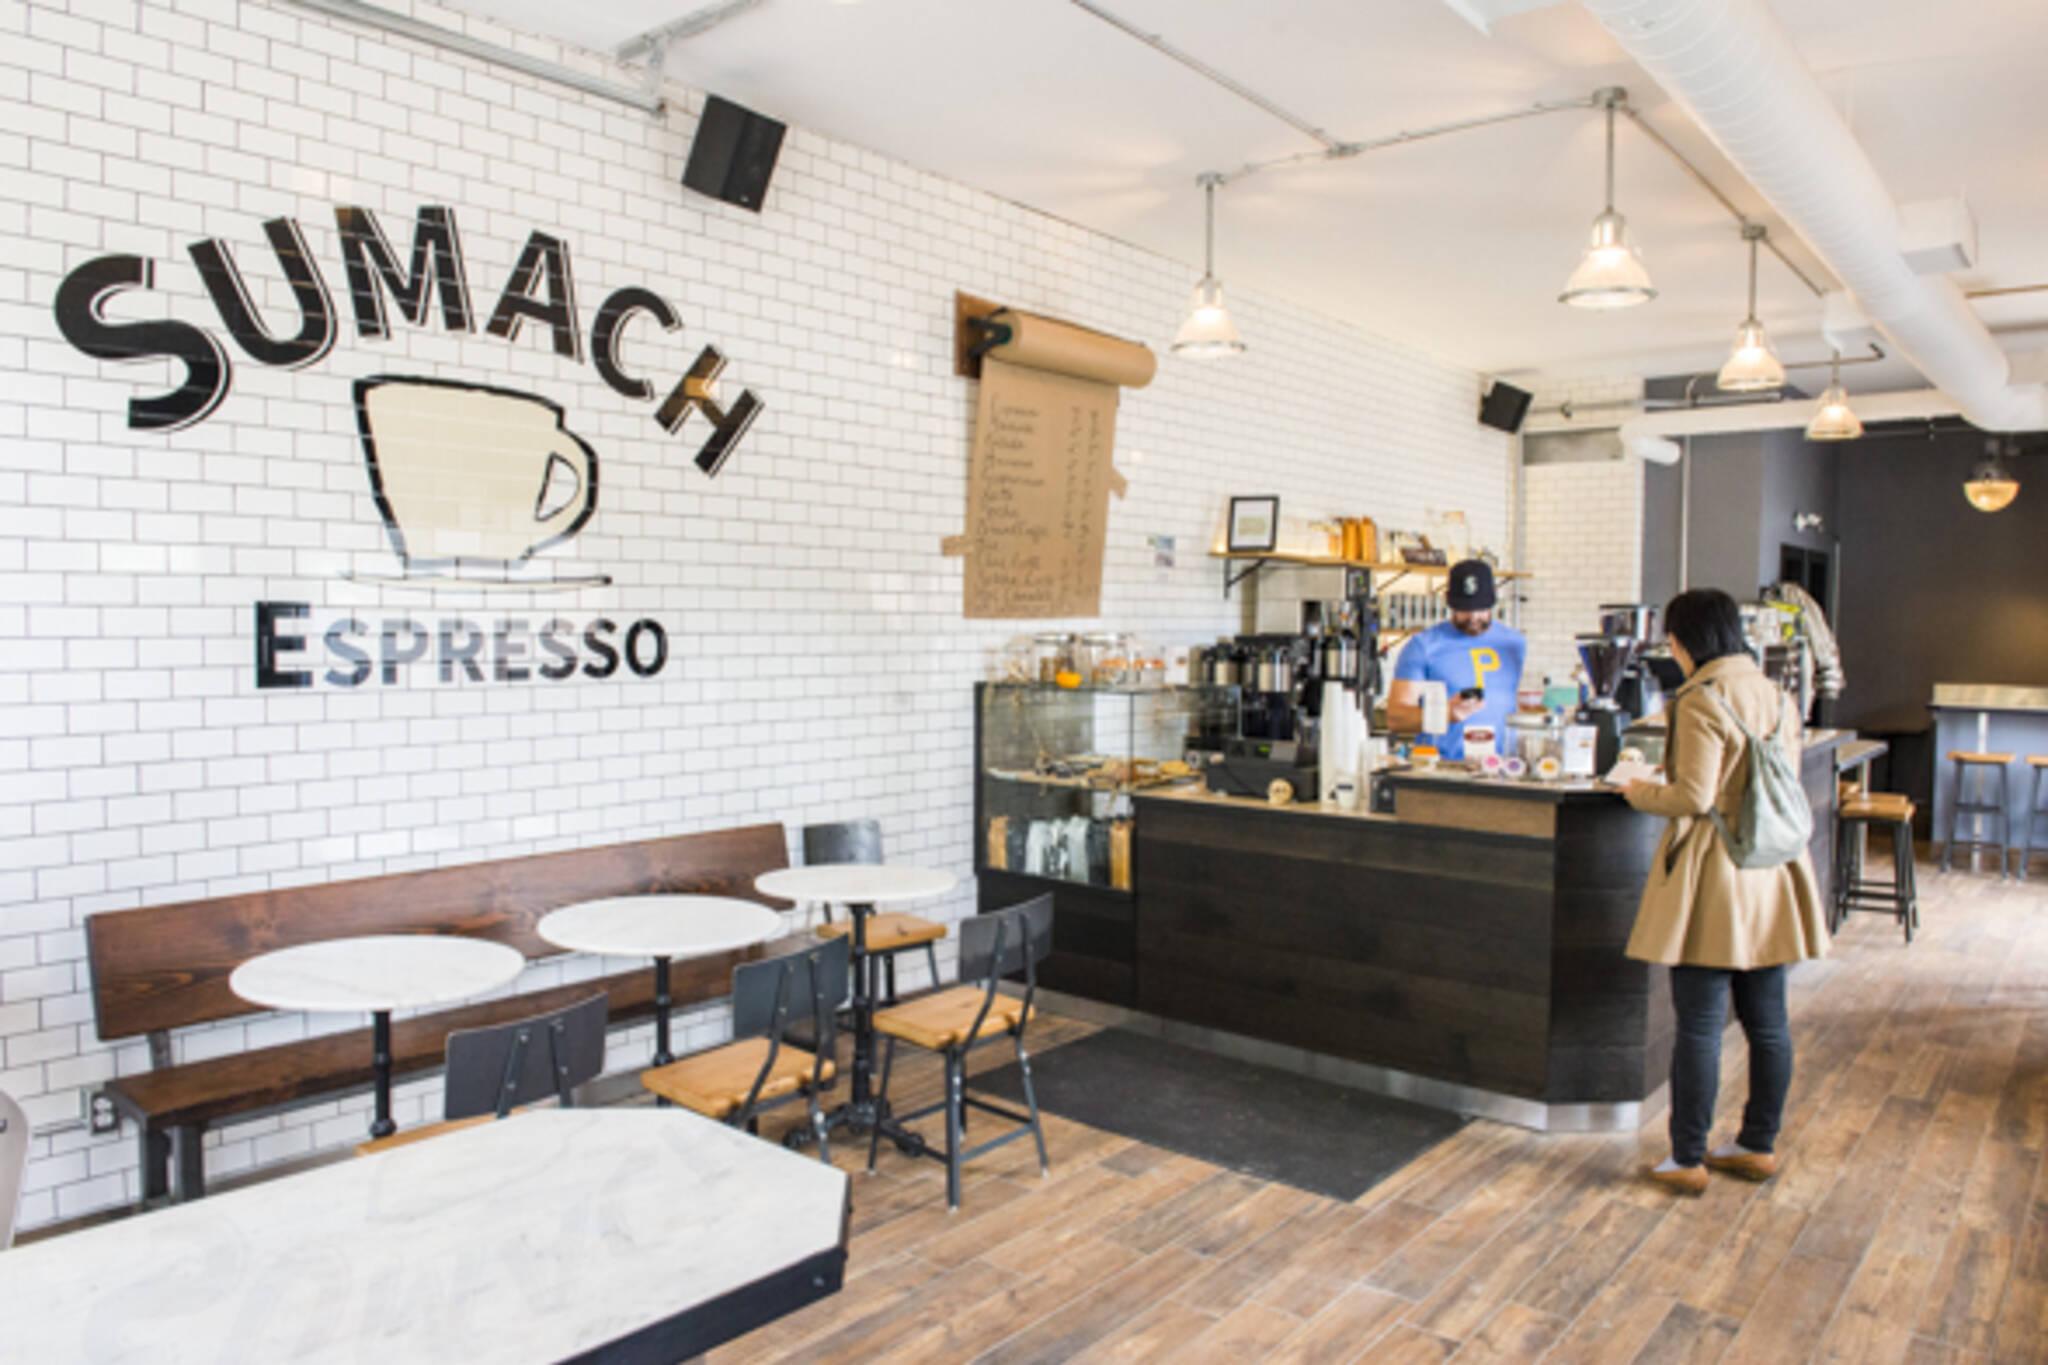 Sumach Espresso